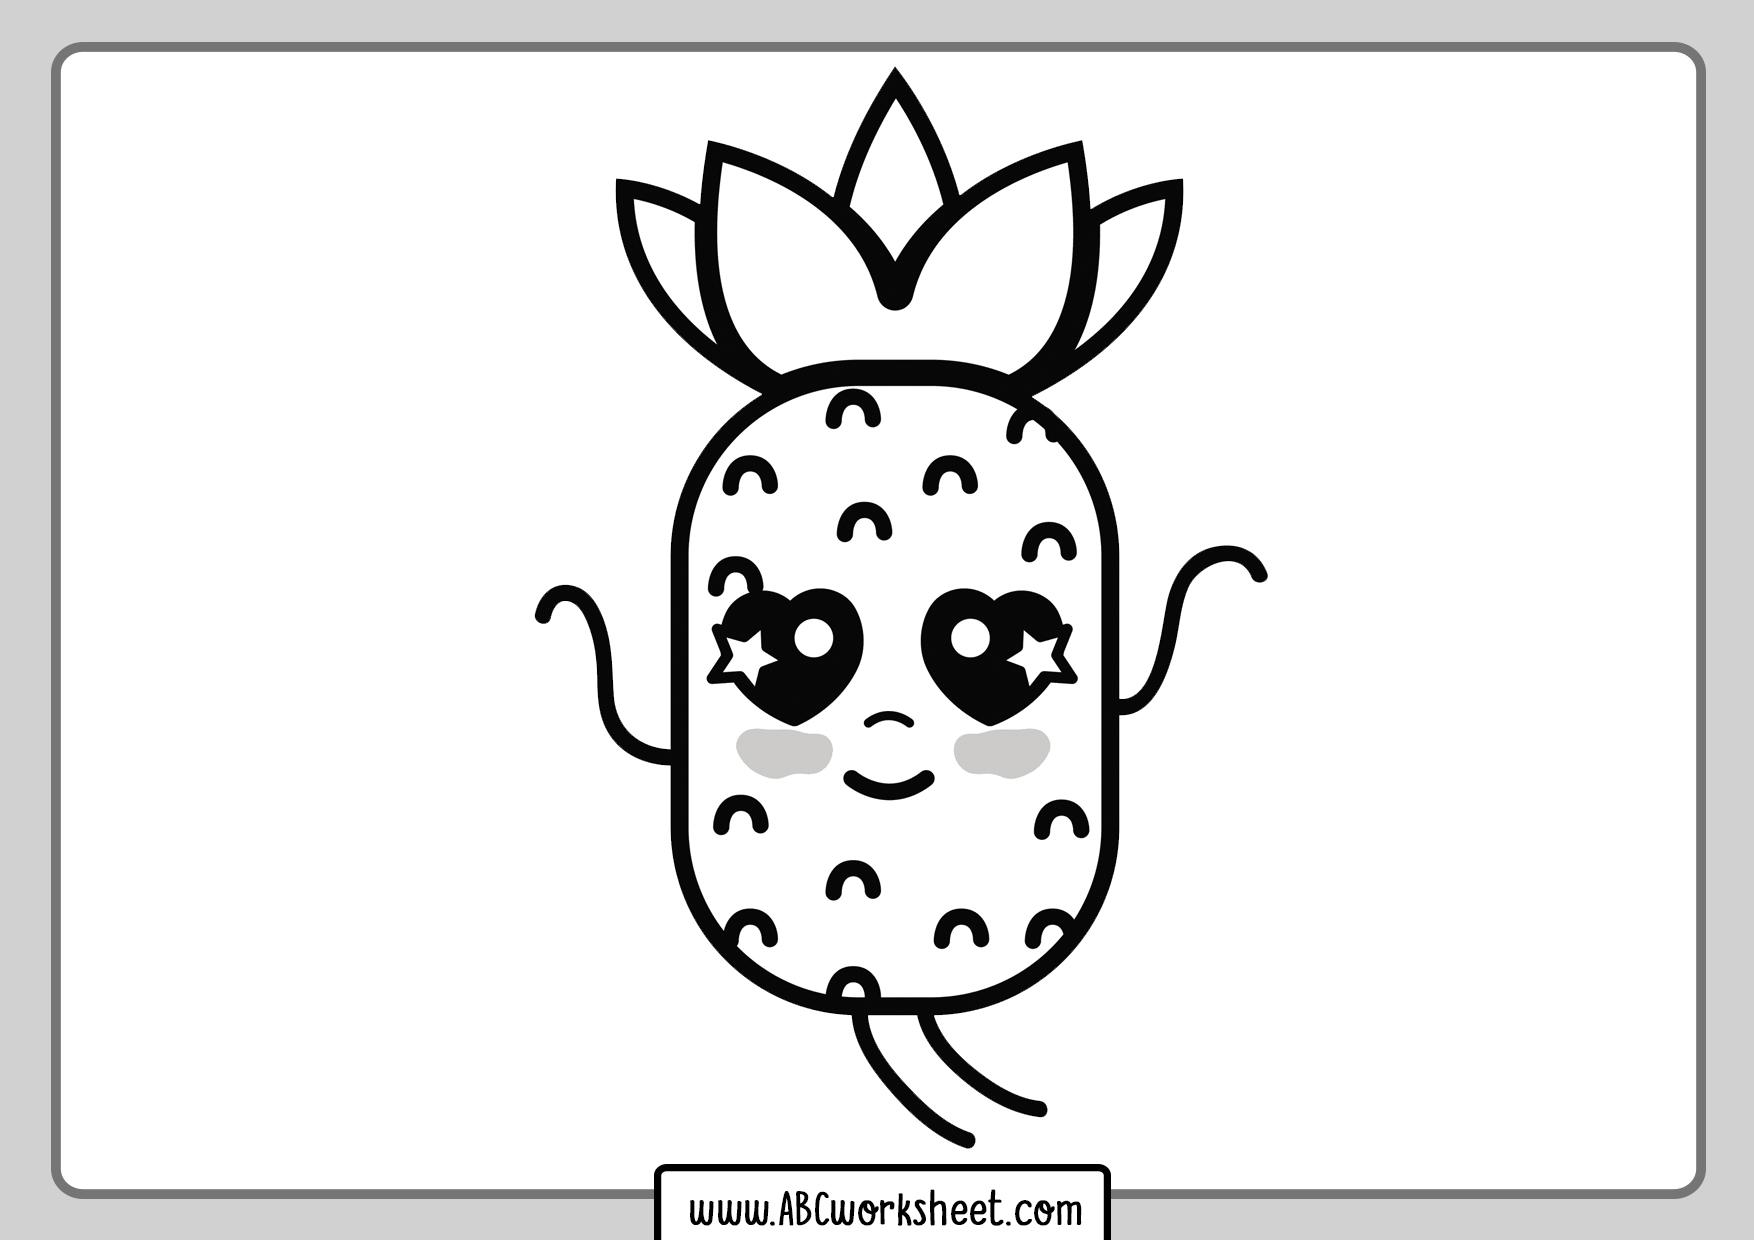 Kawaii Pineapple For Coloring